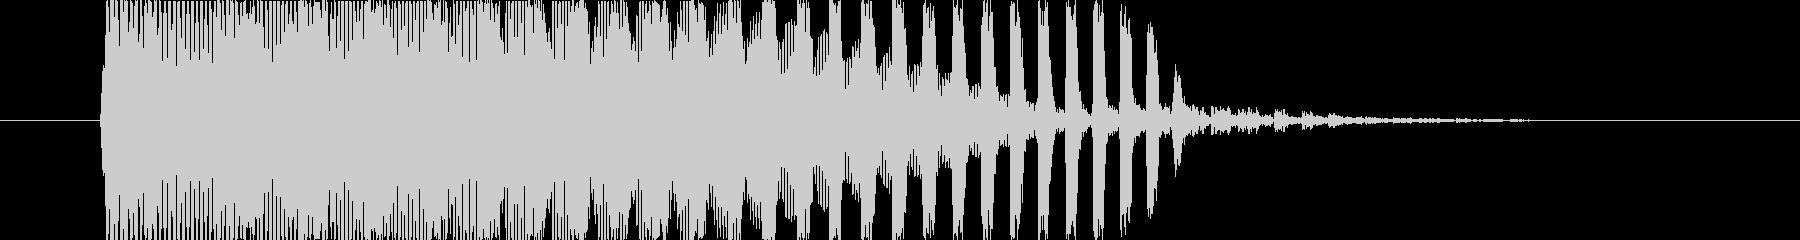 技を放つ前のチャージ音の未再生の波形